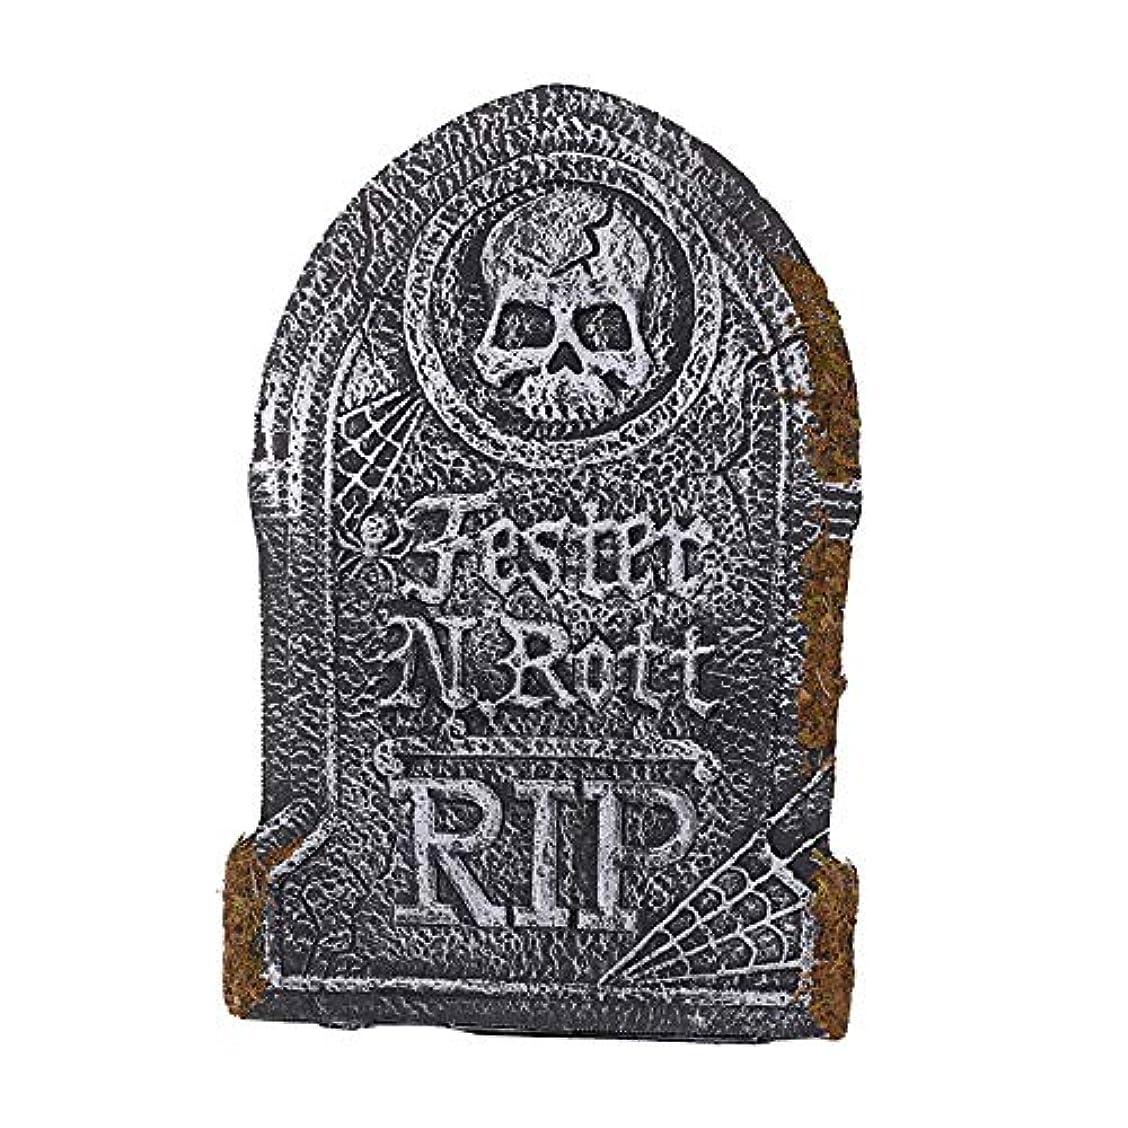 落ち着いたセント毎年ETRRUU HOME 三次元墓石ハロウィーン怖いトリッキーな装飾バーKTホラー雰囲気の装飾写真の小道具